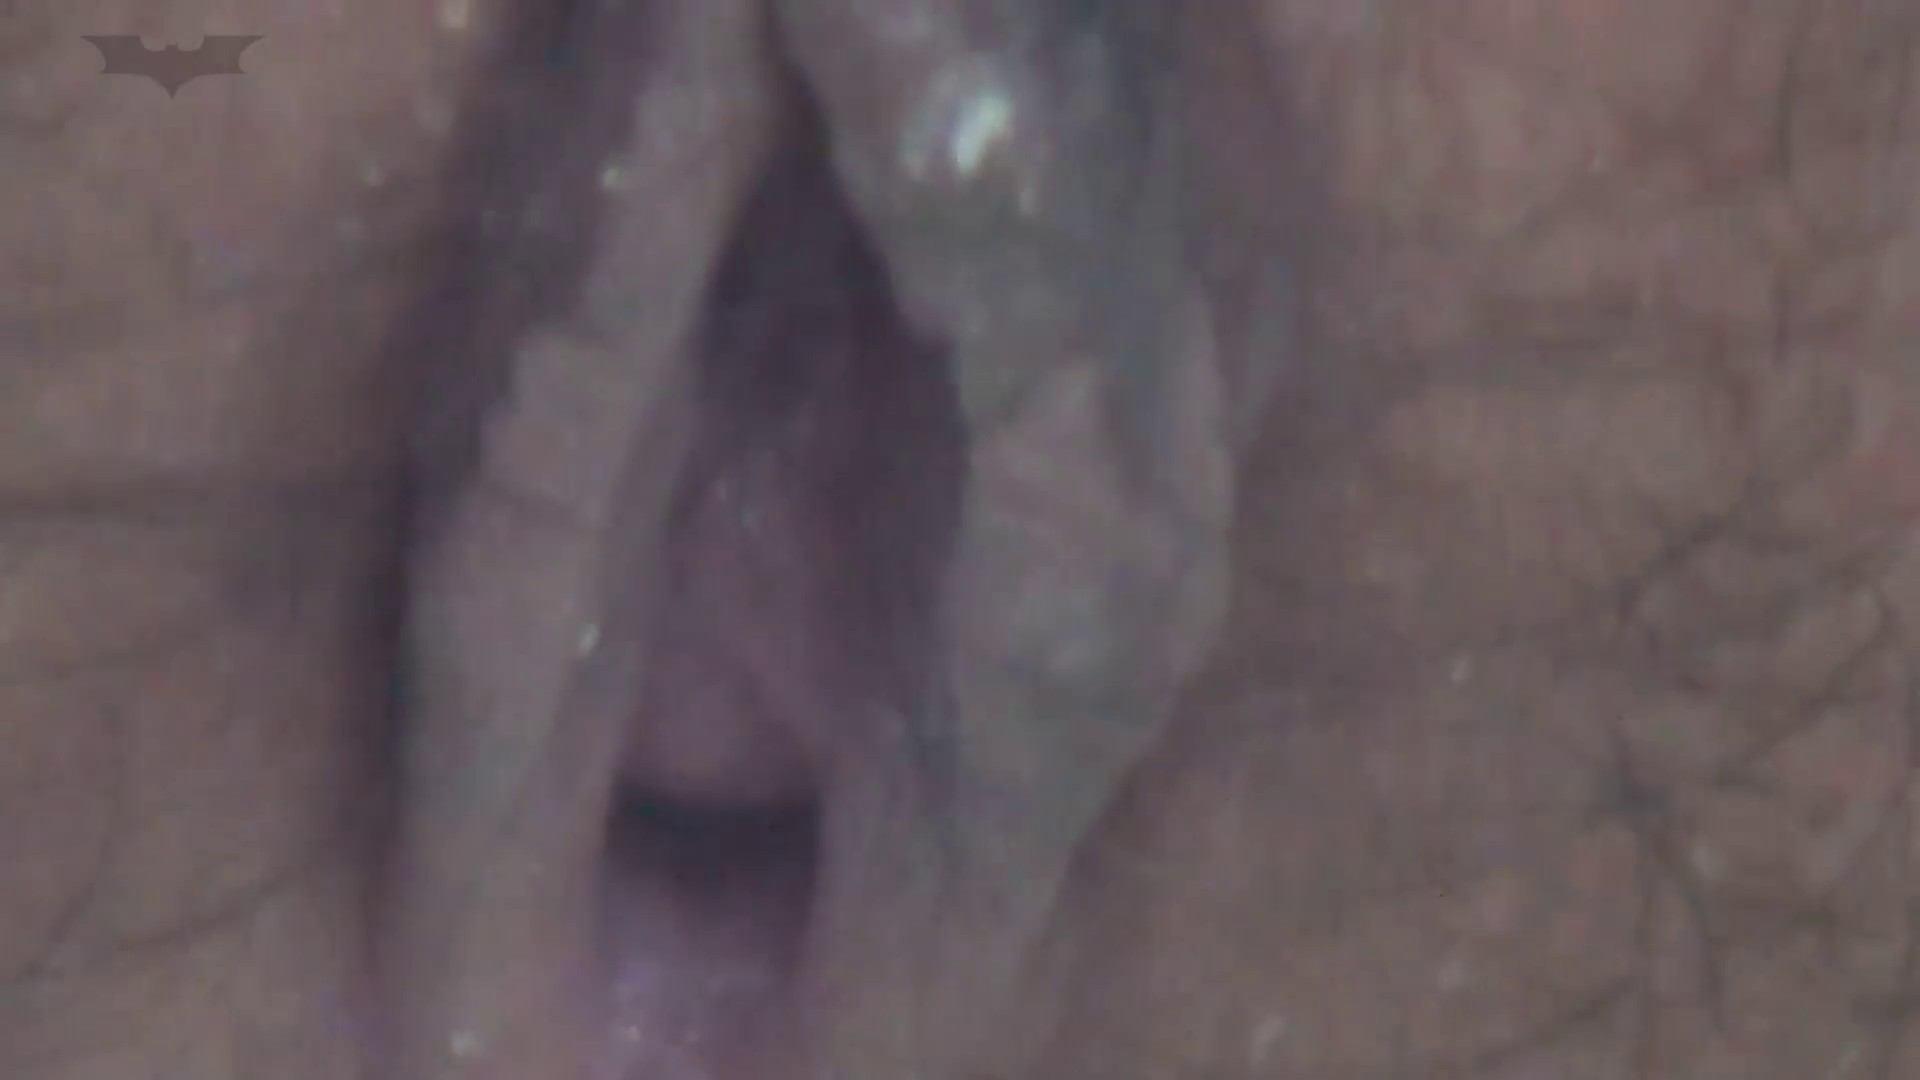 JD盗撮 美女の洗面所の秘密 Vol.13 ギャル攻め AV無料 75画像 72